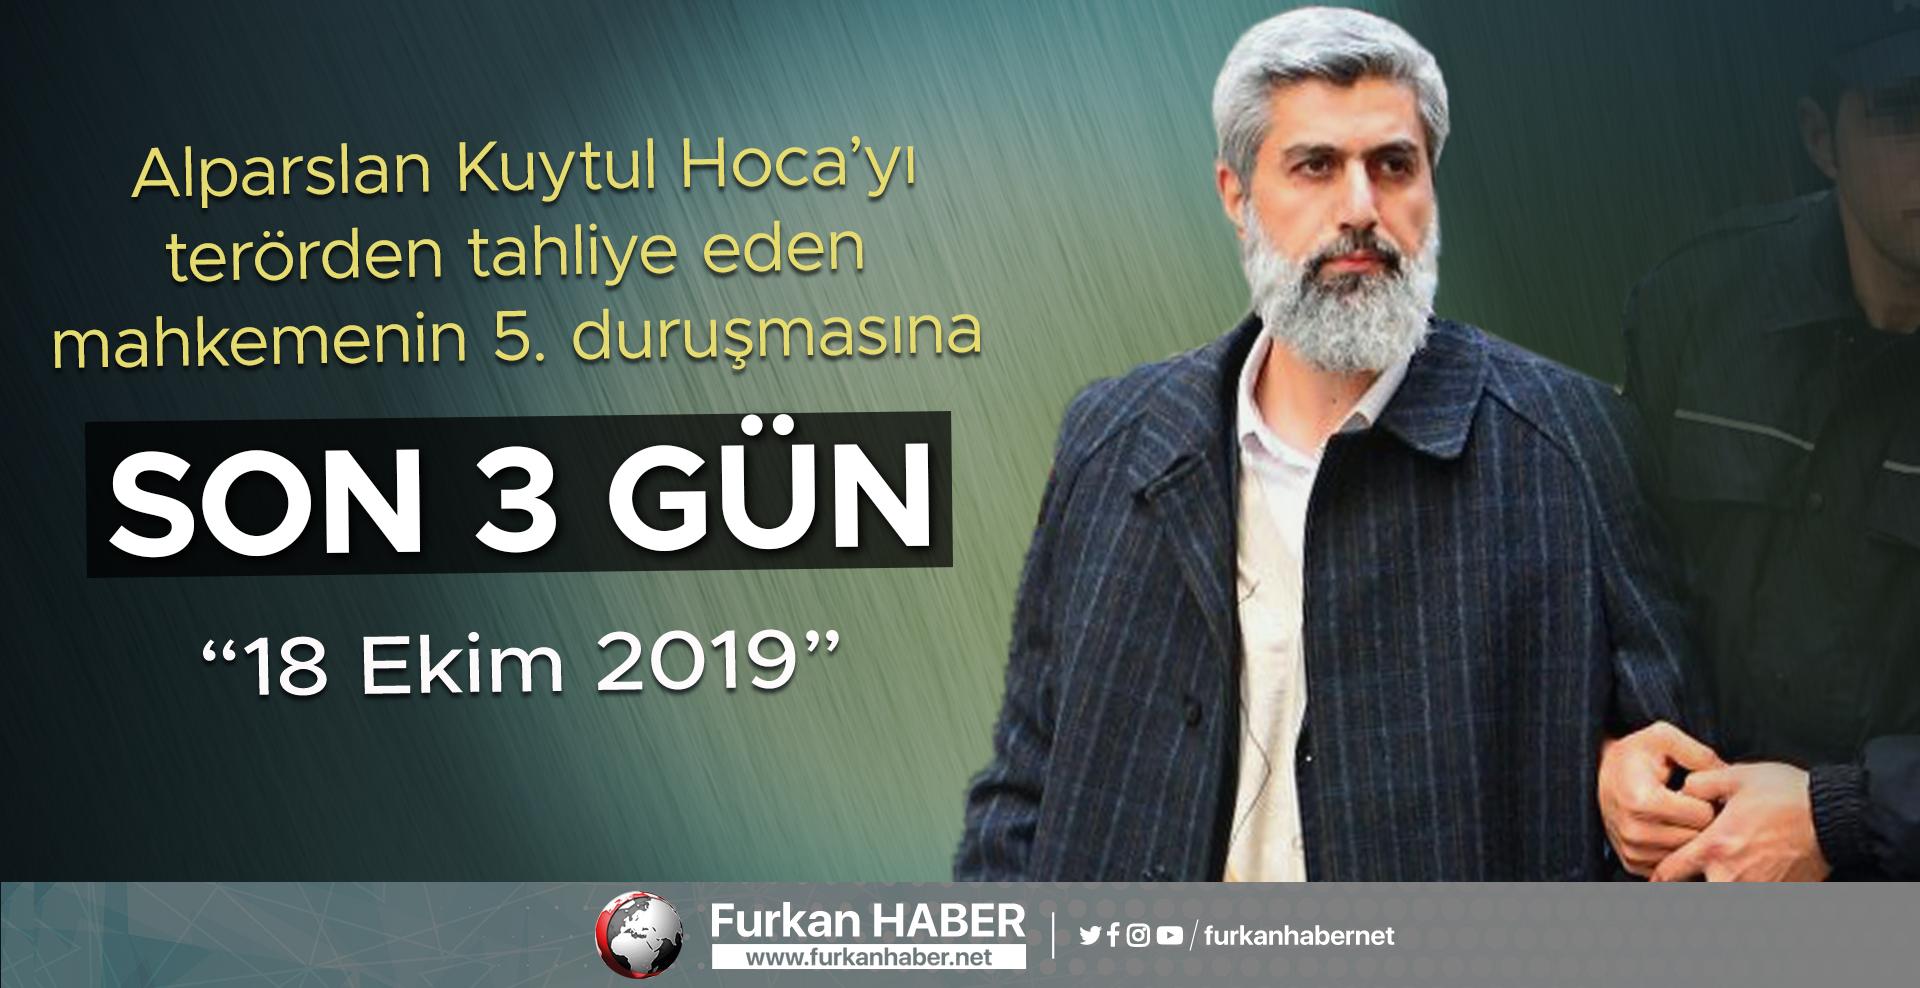 Alparslan Kuytul Hocanın Mahkemesine 3 Gün Kaldı!